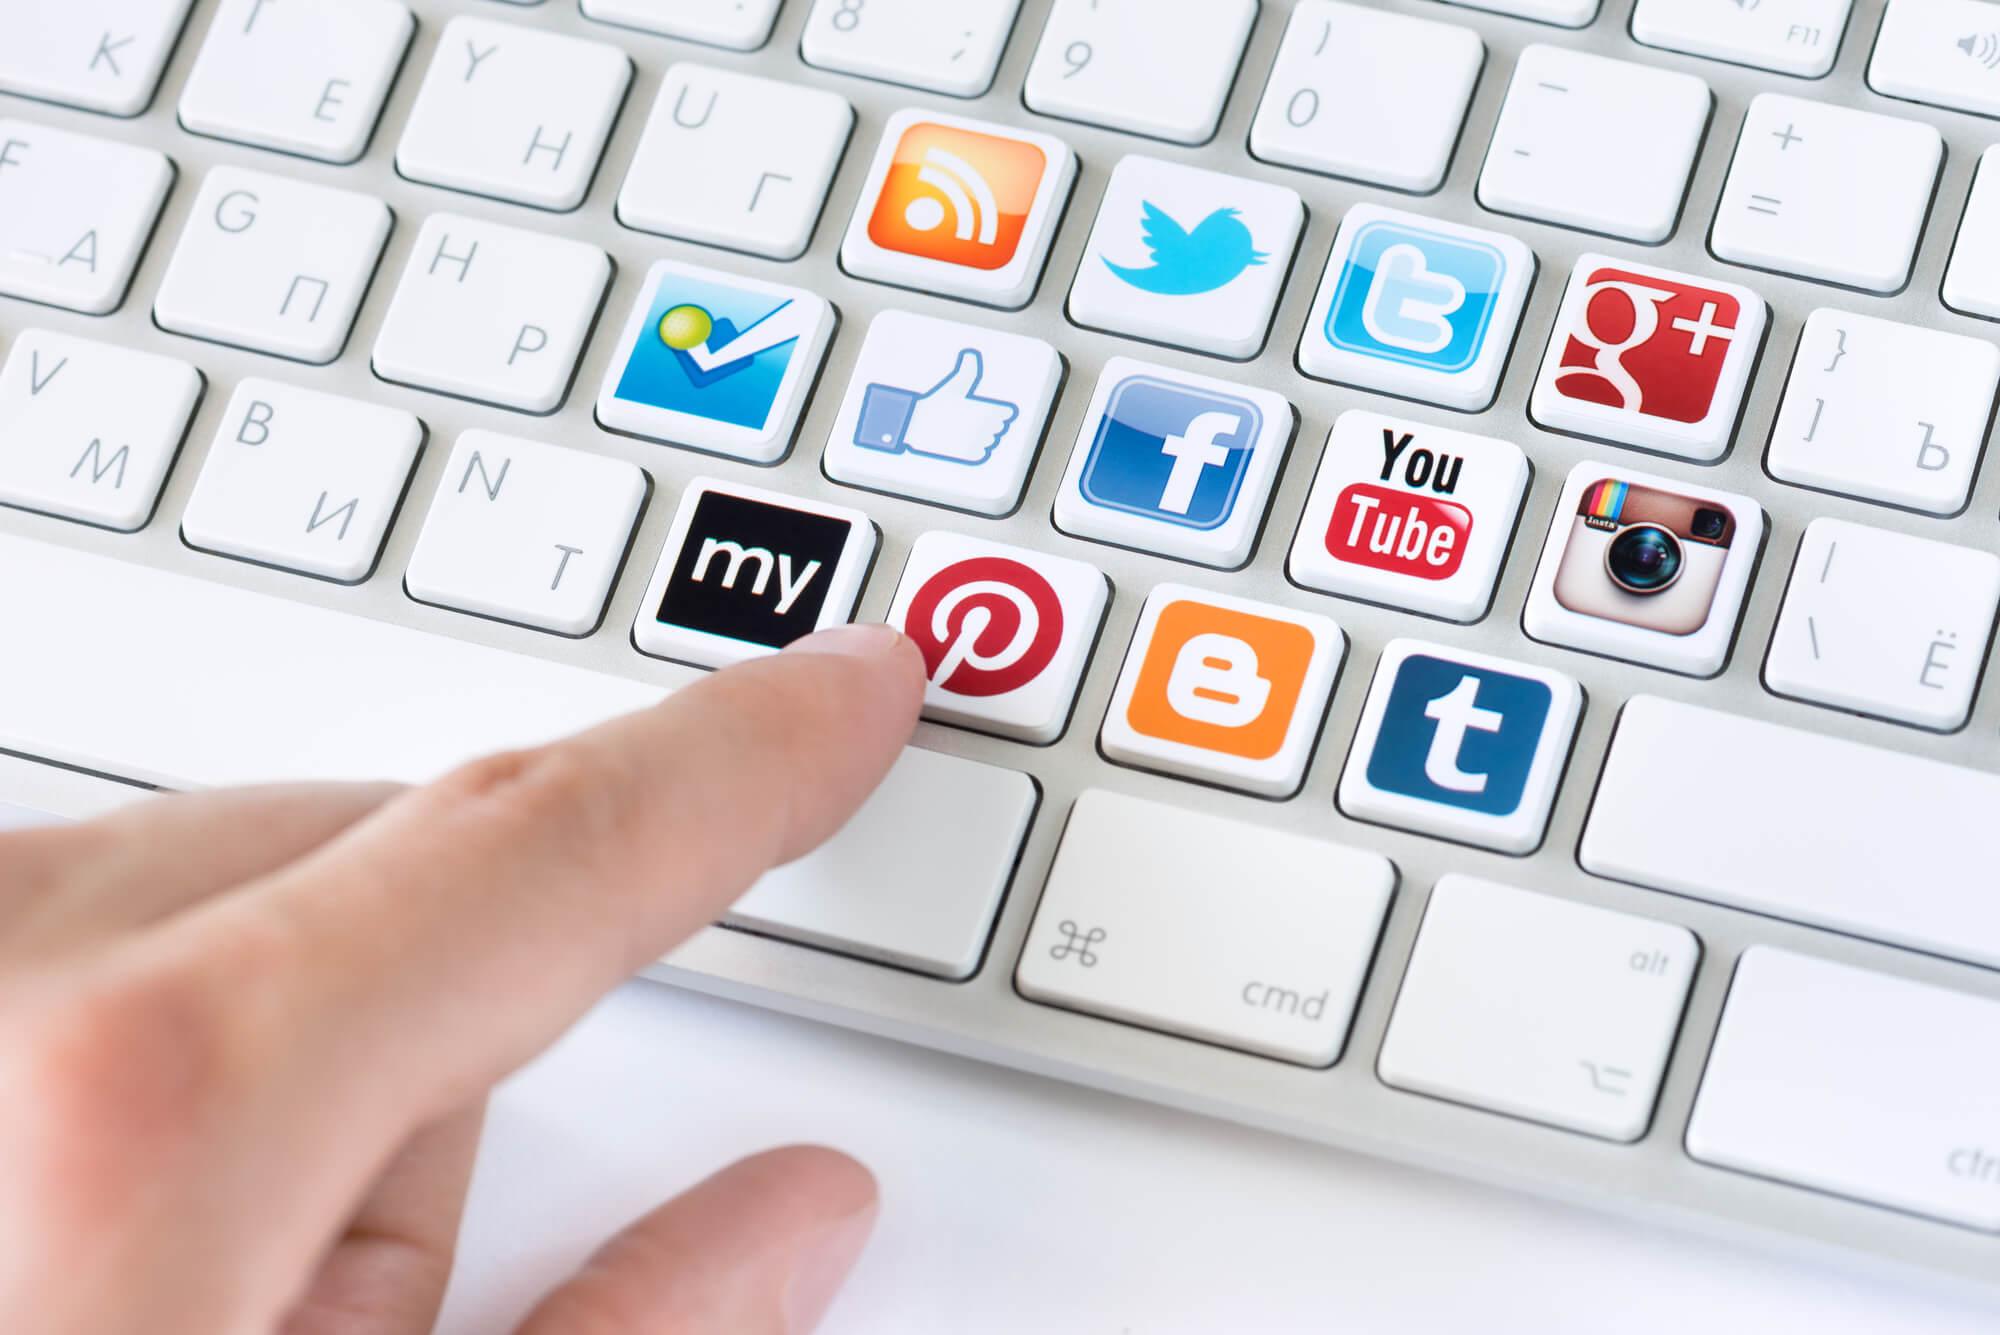 Imagem de teclado com símbolos de redes sociais simbolizando engajamento